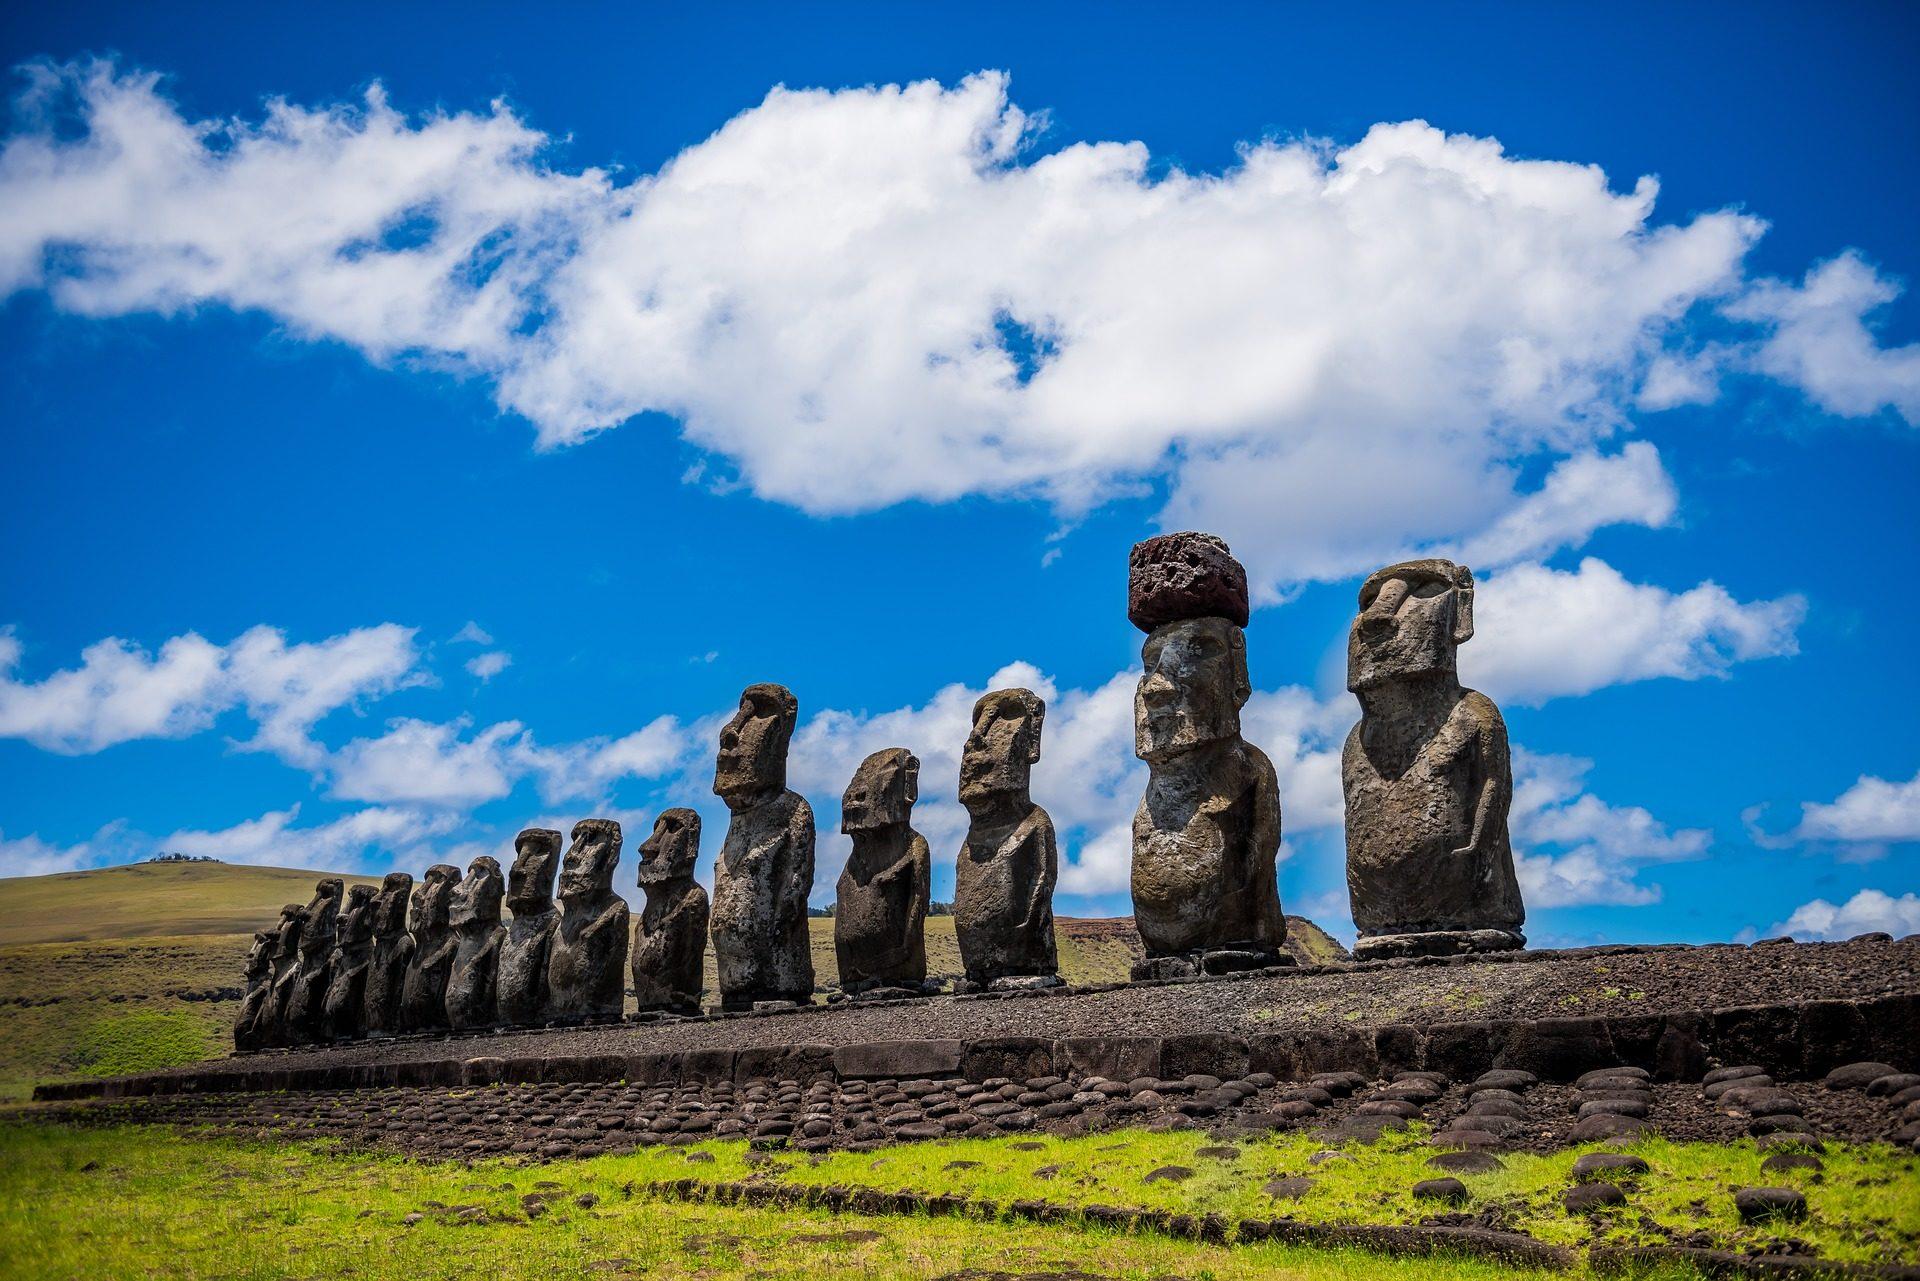 Остров Пасхи, Рапа-Нуи, тотемы, статуэтки, скульптуры, предки - Обои HD - Профессор falken.com